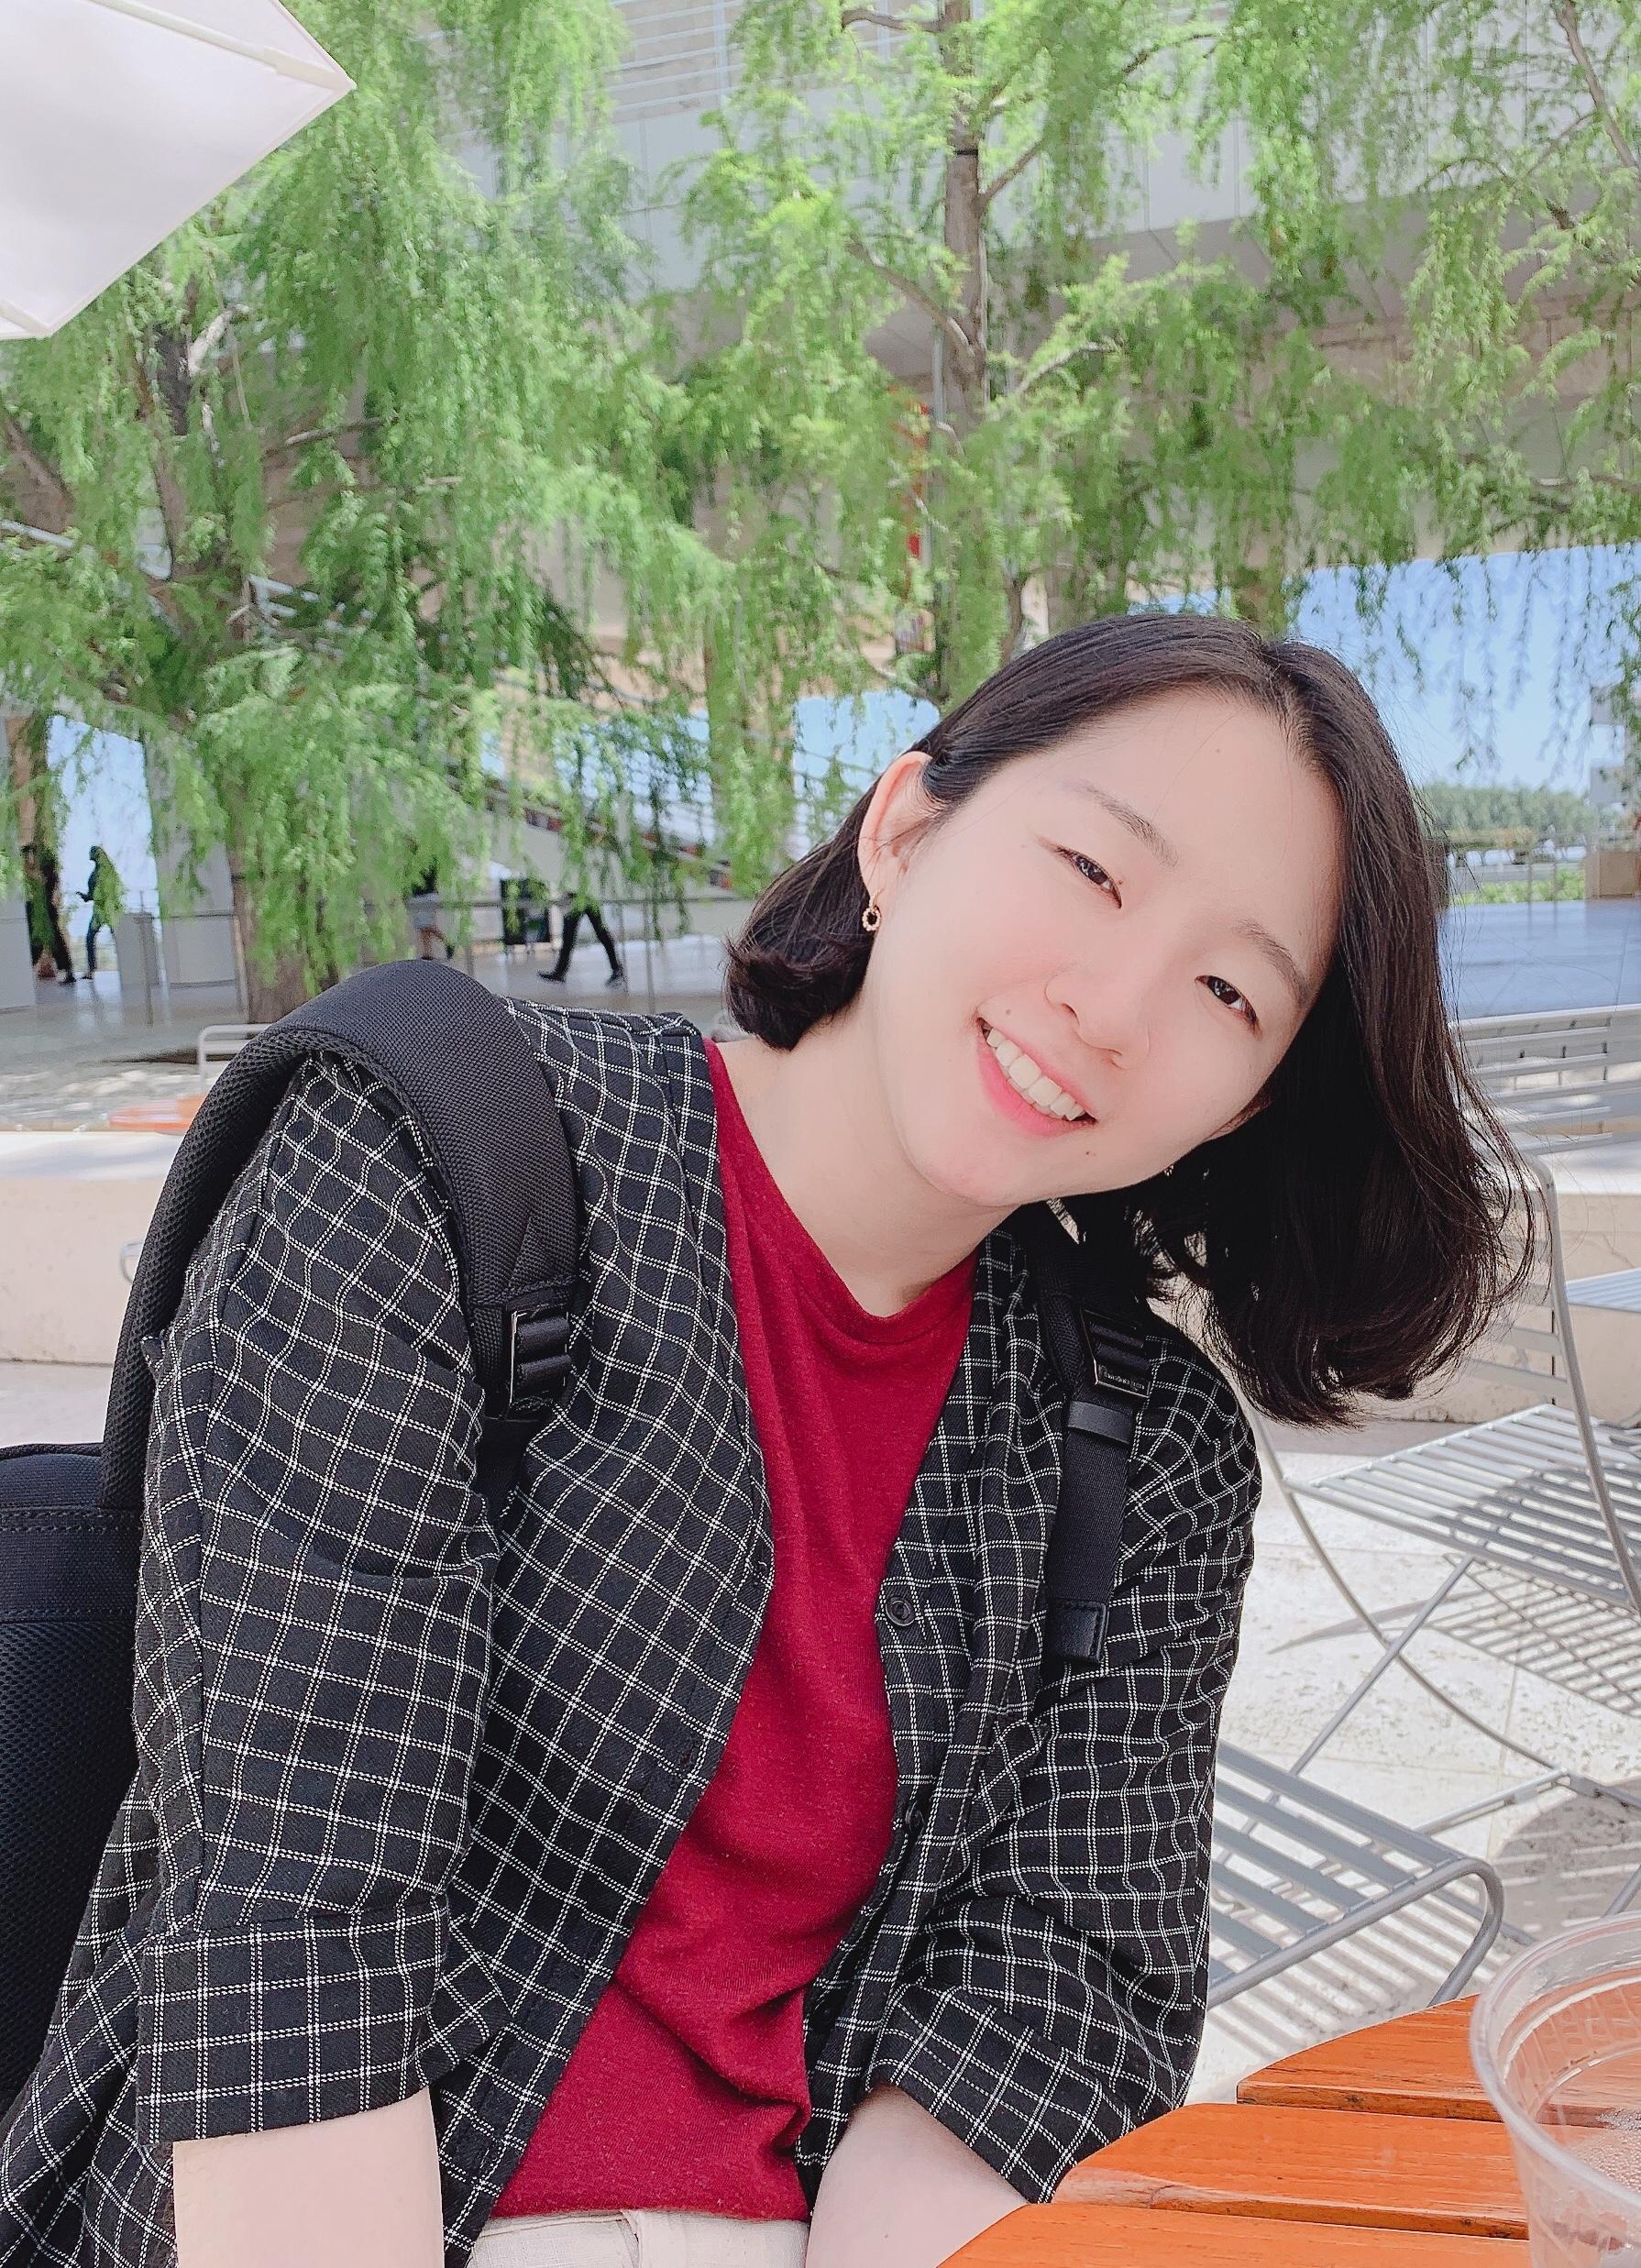 Ha Yeon Lee